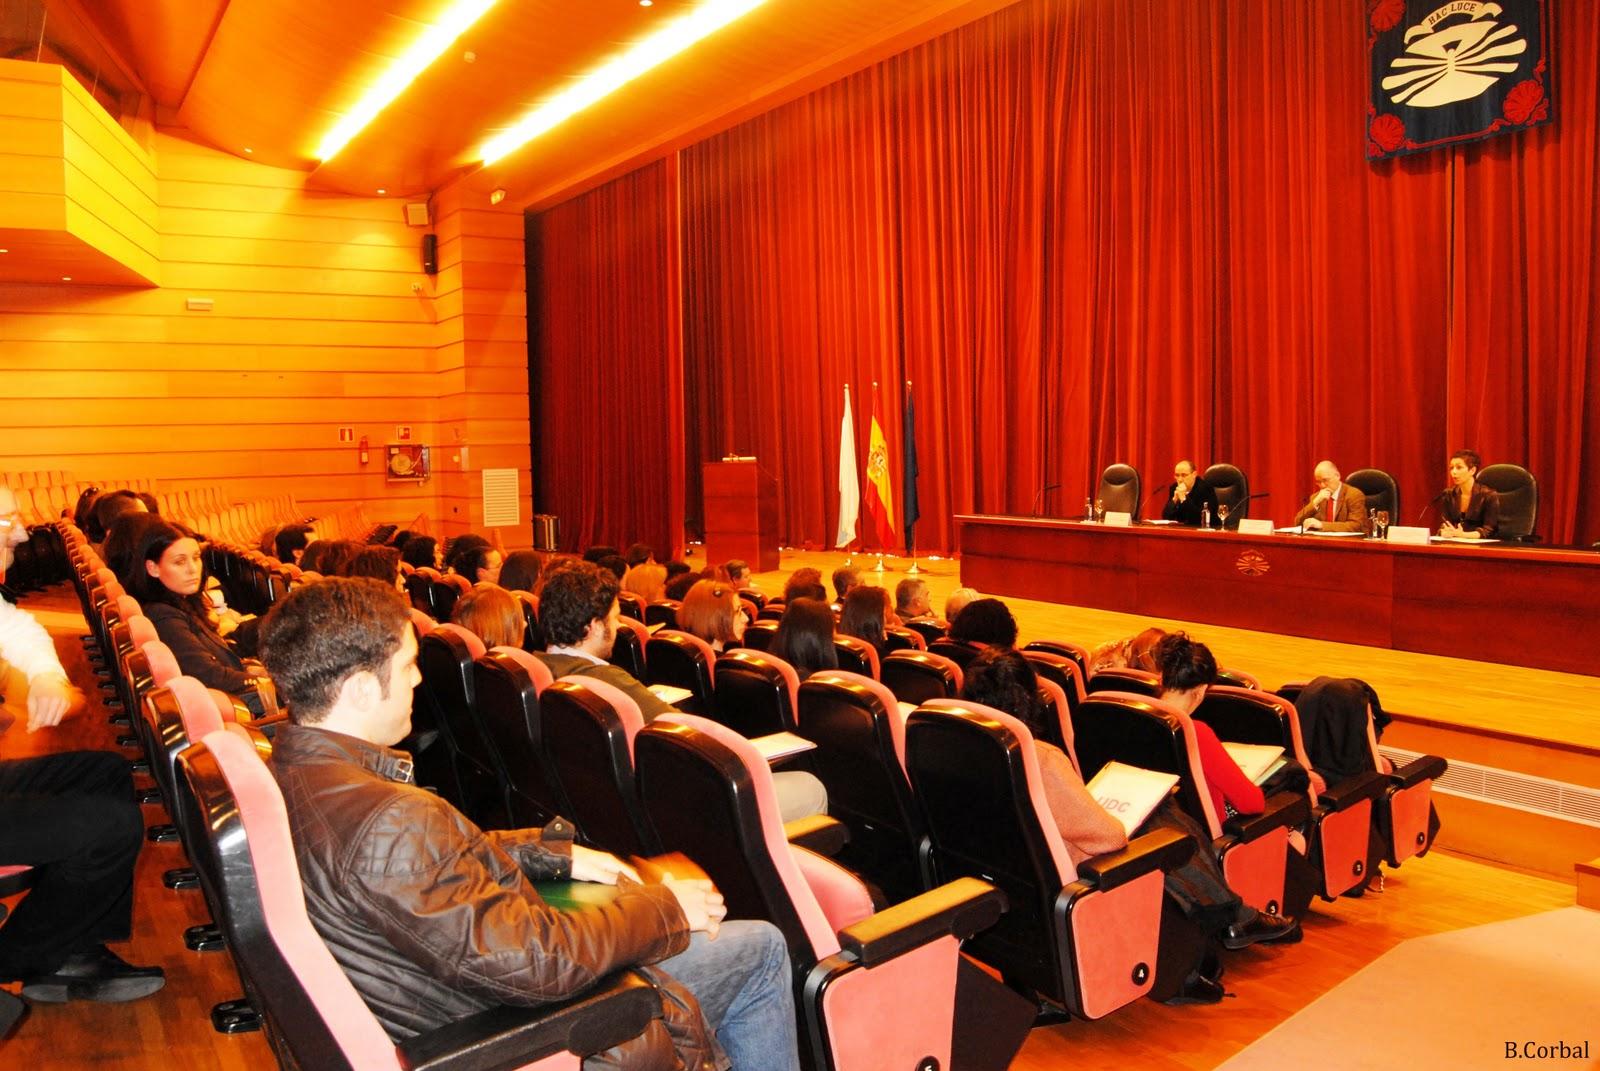 postgrado protocolo, comunicación e imagen corporativa Universidade da Coruña